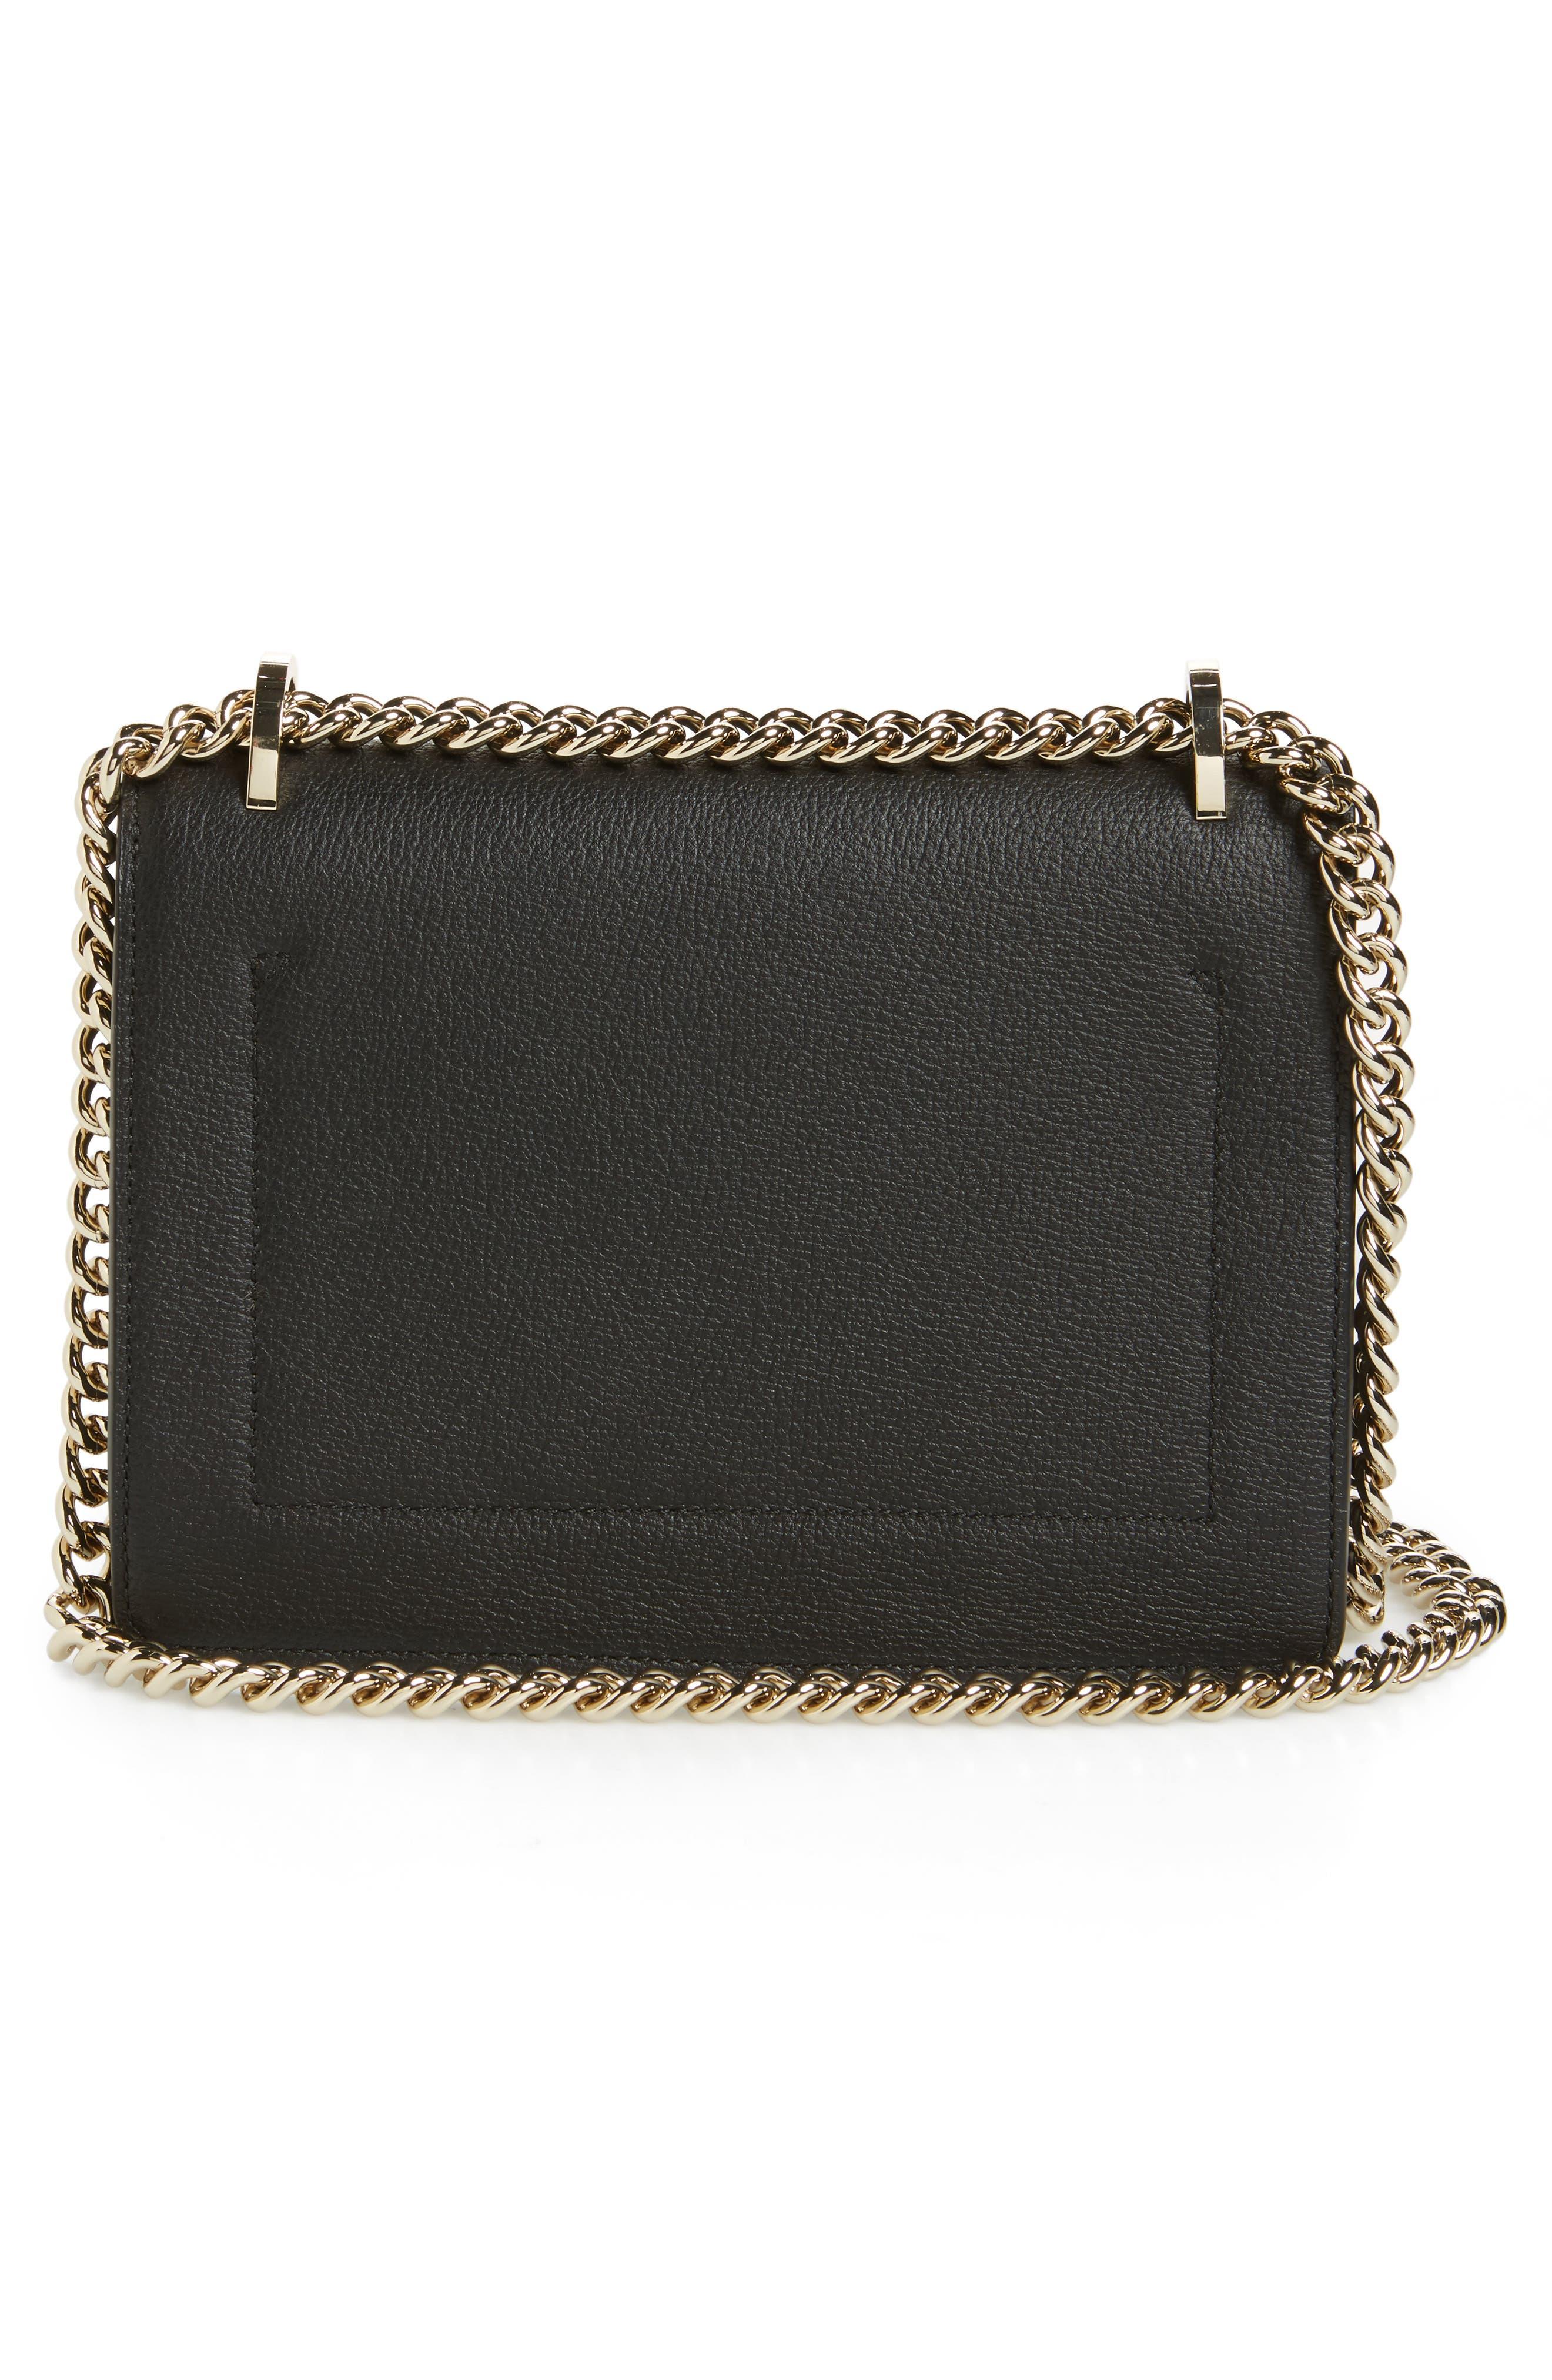 olive drive - marci leather shoulder bag,                             Alternate thumbnail 3, color,                             001